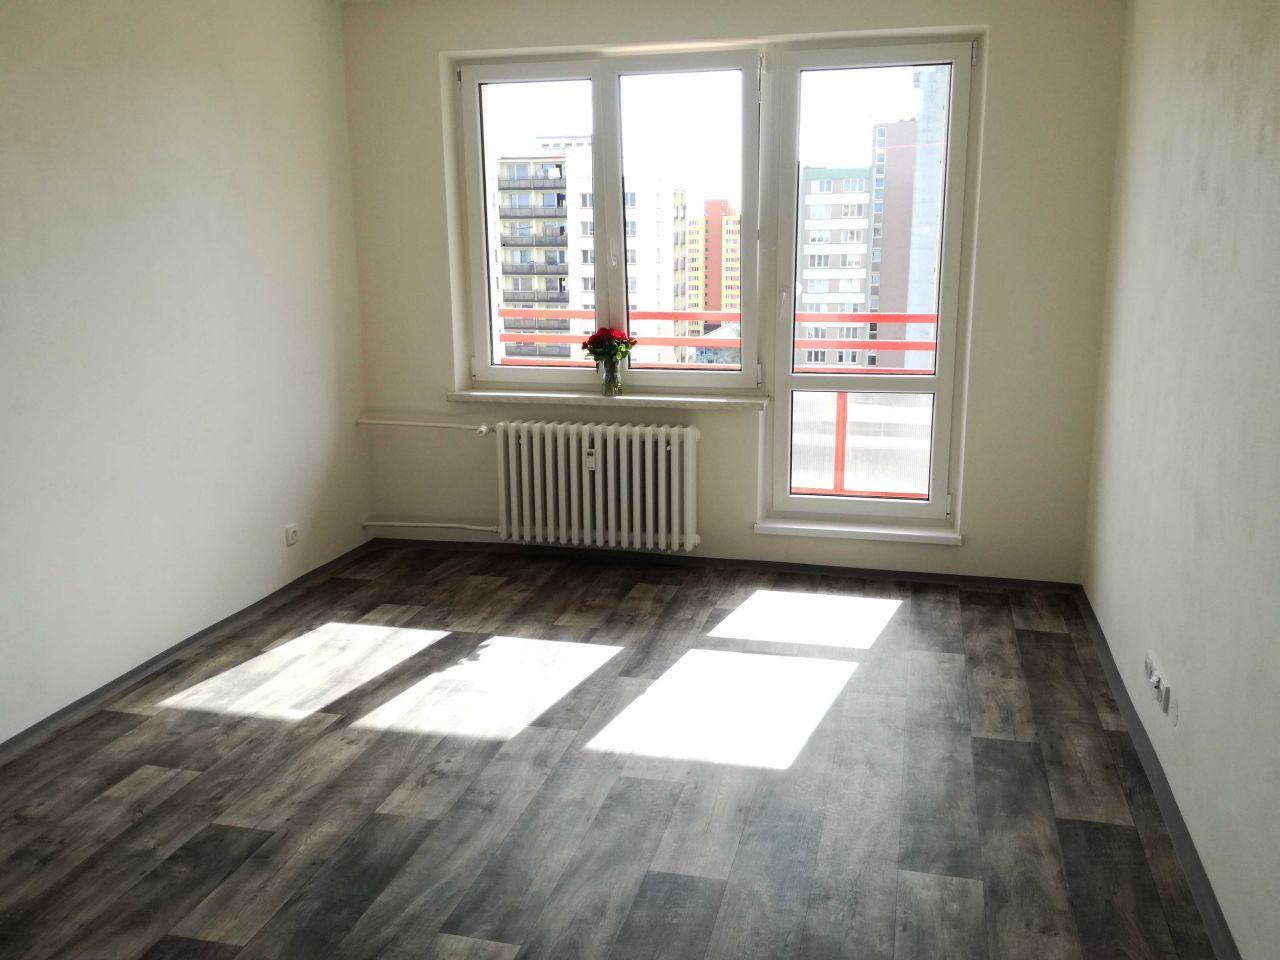 Pronájem bytu 1+kk 26 m2, ul. Lumírova 490/9, Ostrava - Výškovice